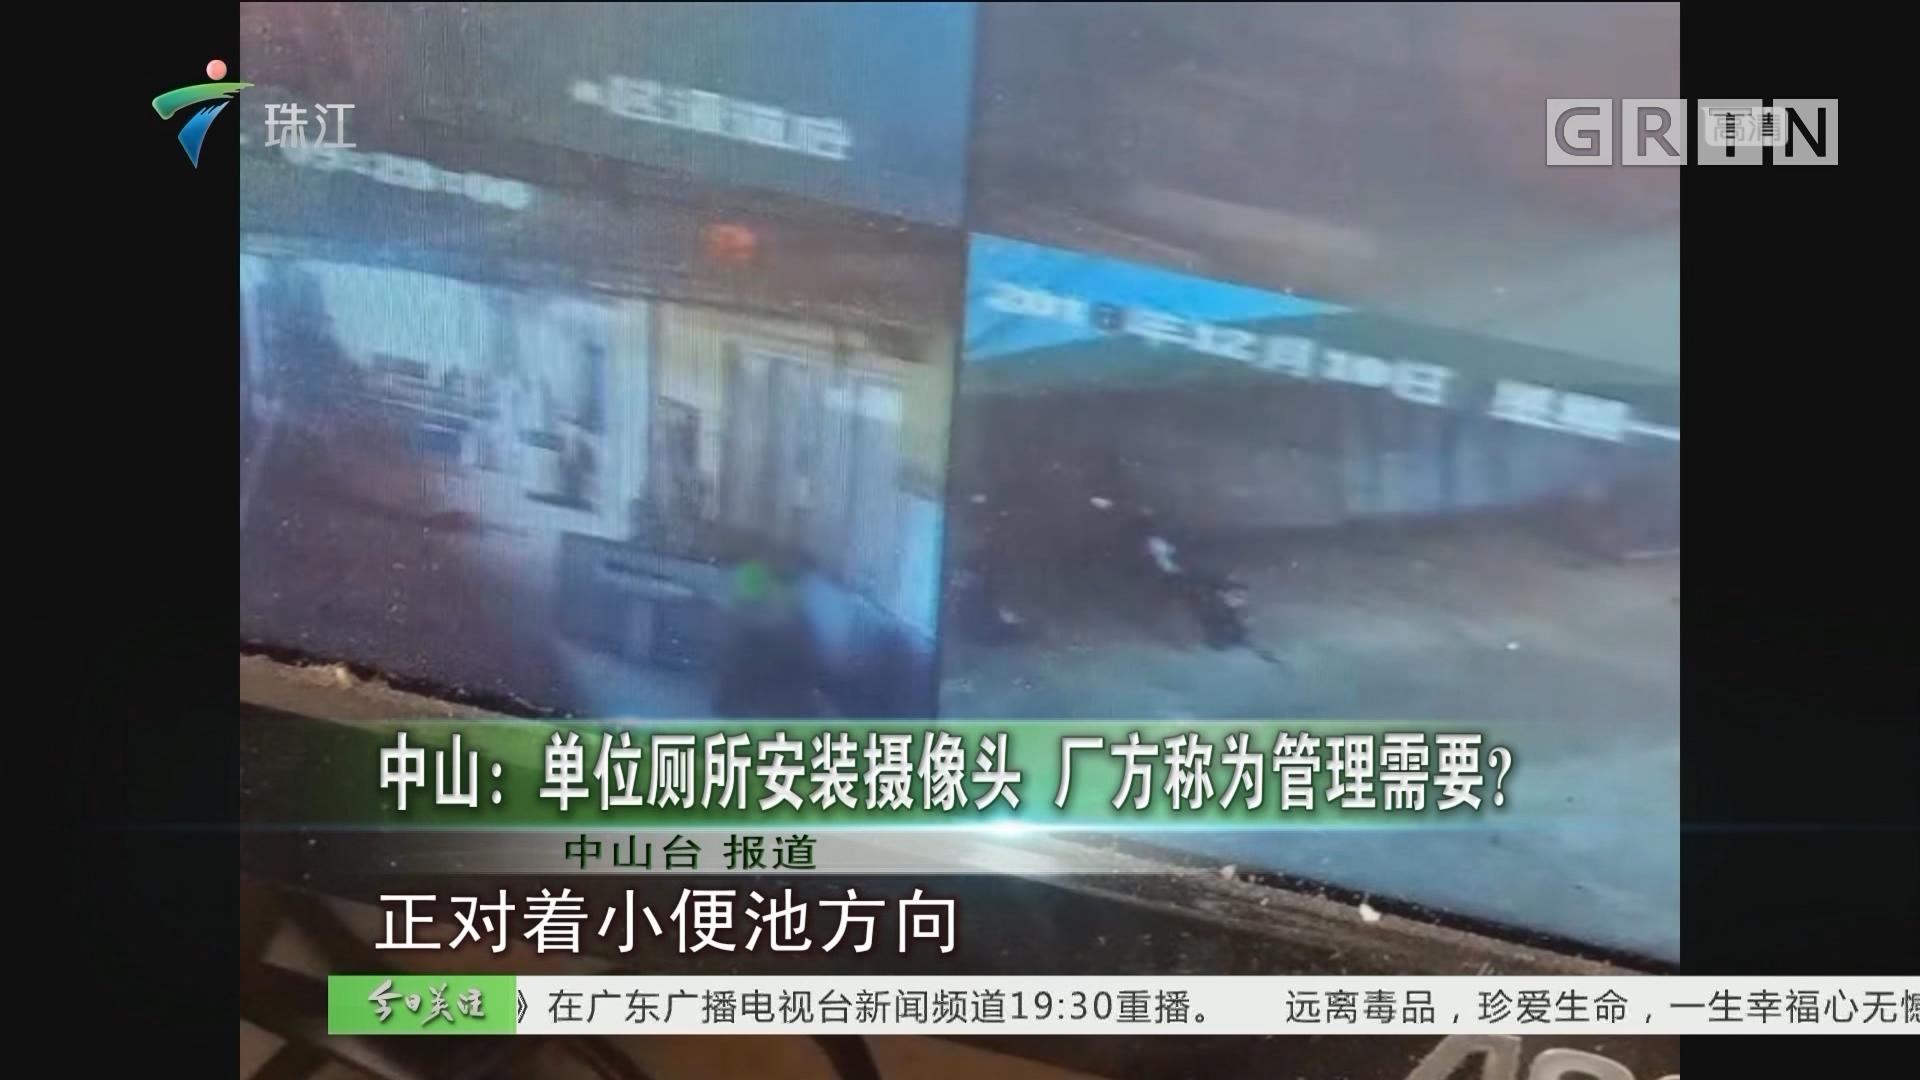 中山:单位厕所安装摄像头 厂方称为管理需要?